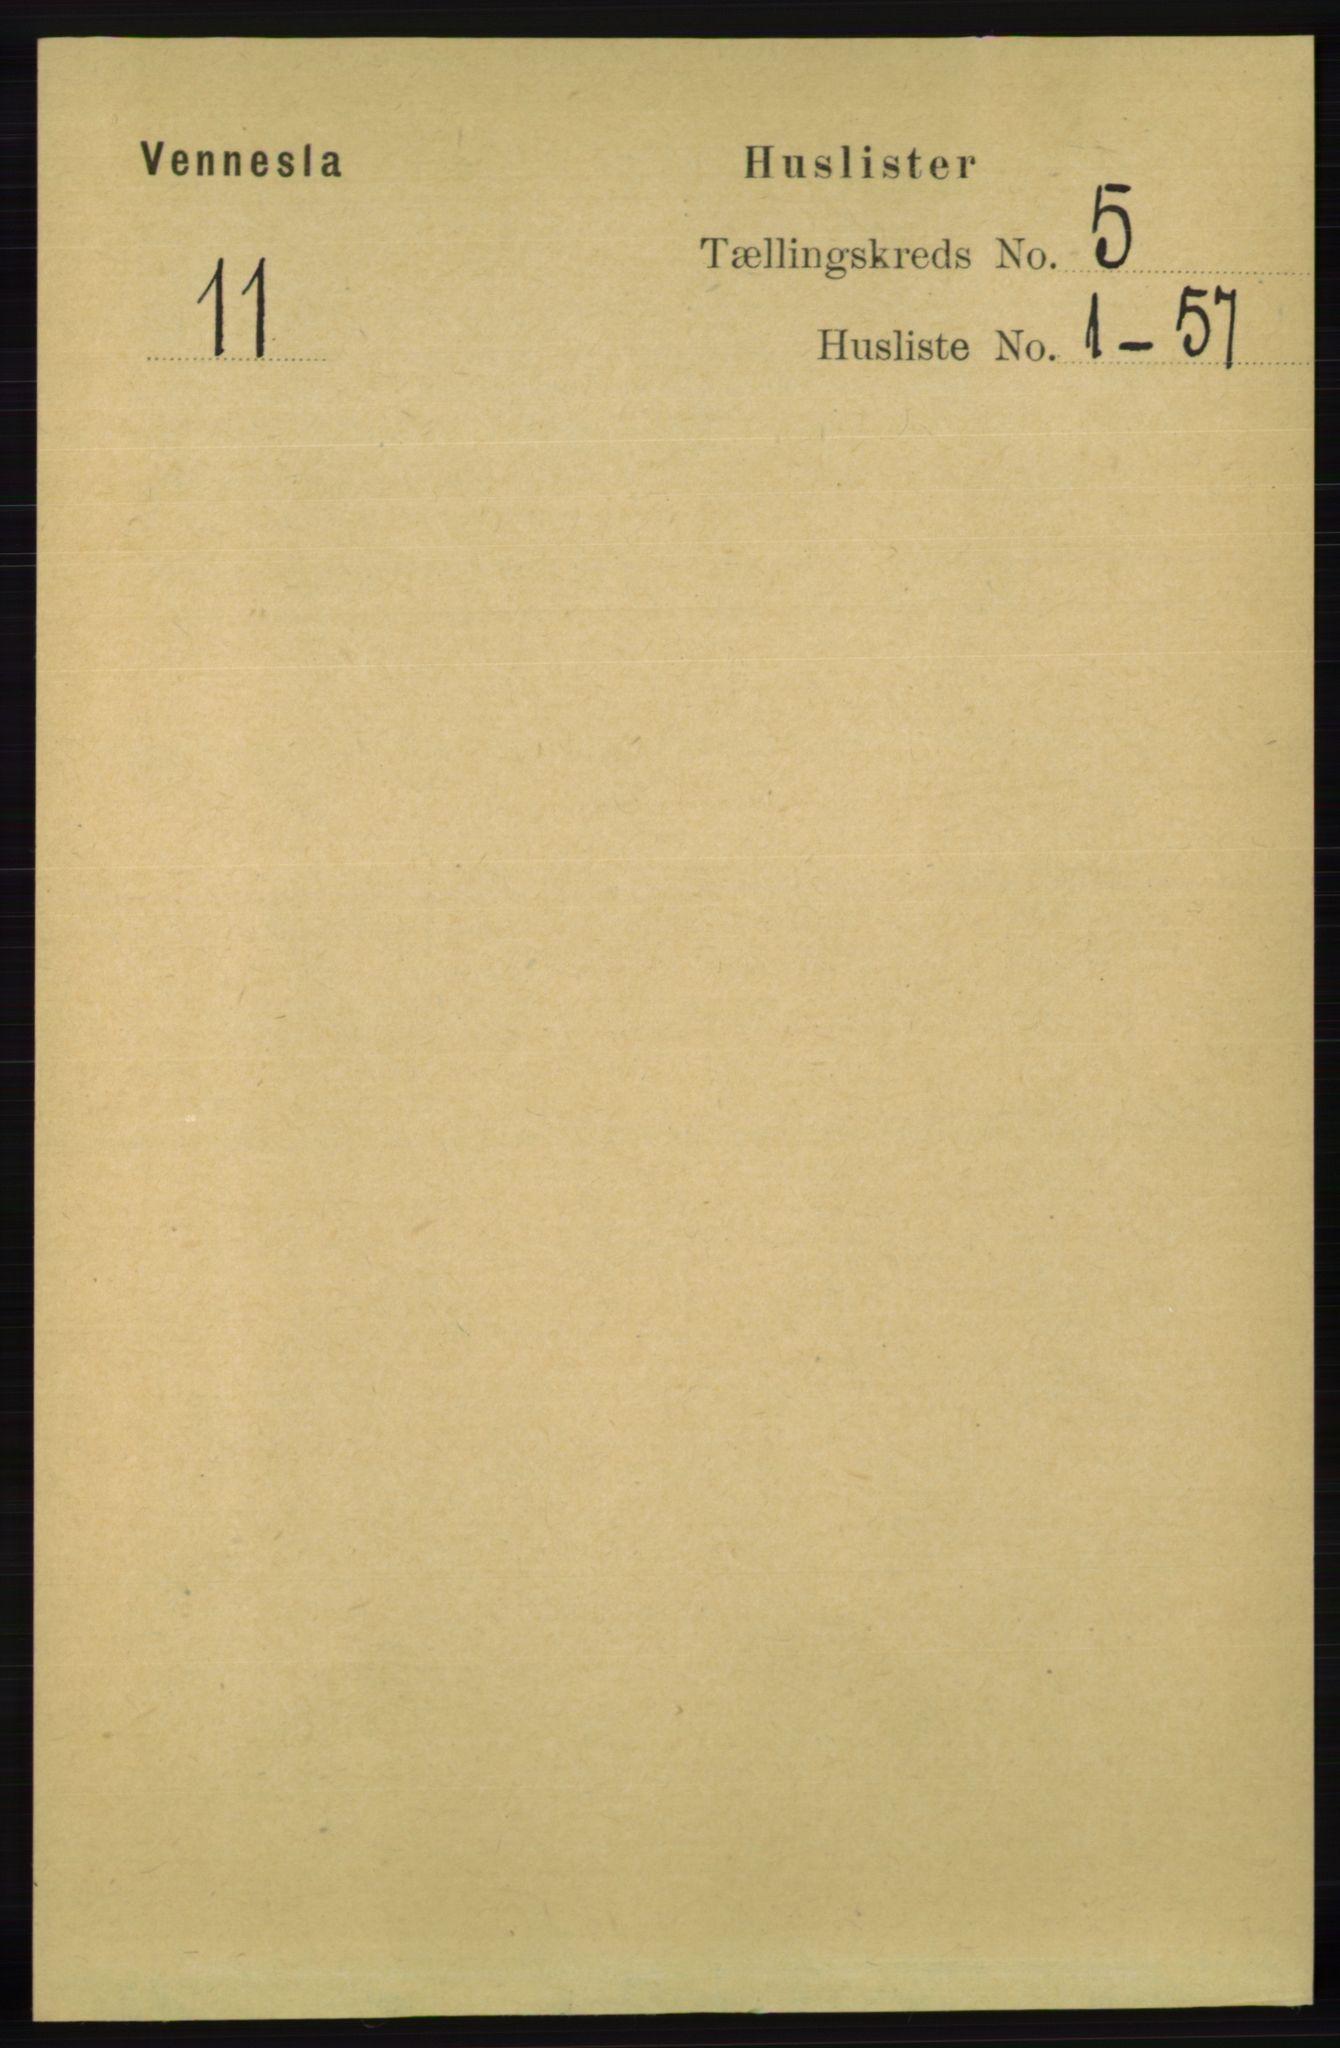 RA, Folketelling 1891 for 1014 Vennesla herred, 1891, s. 1153